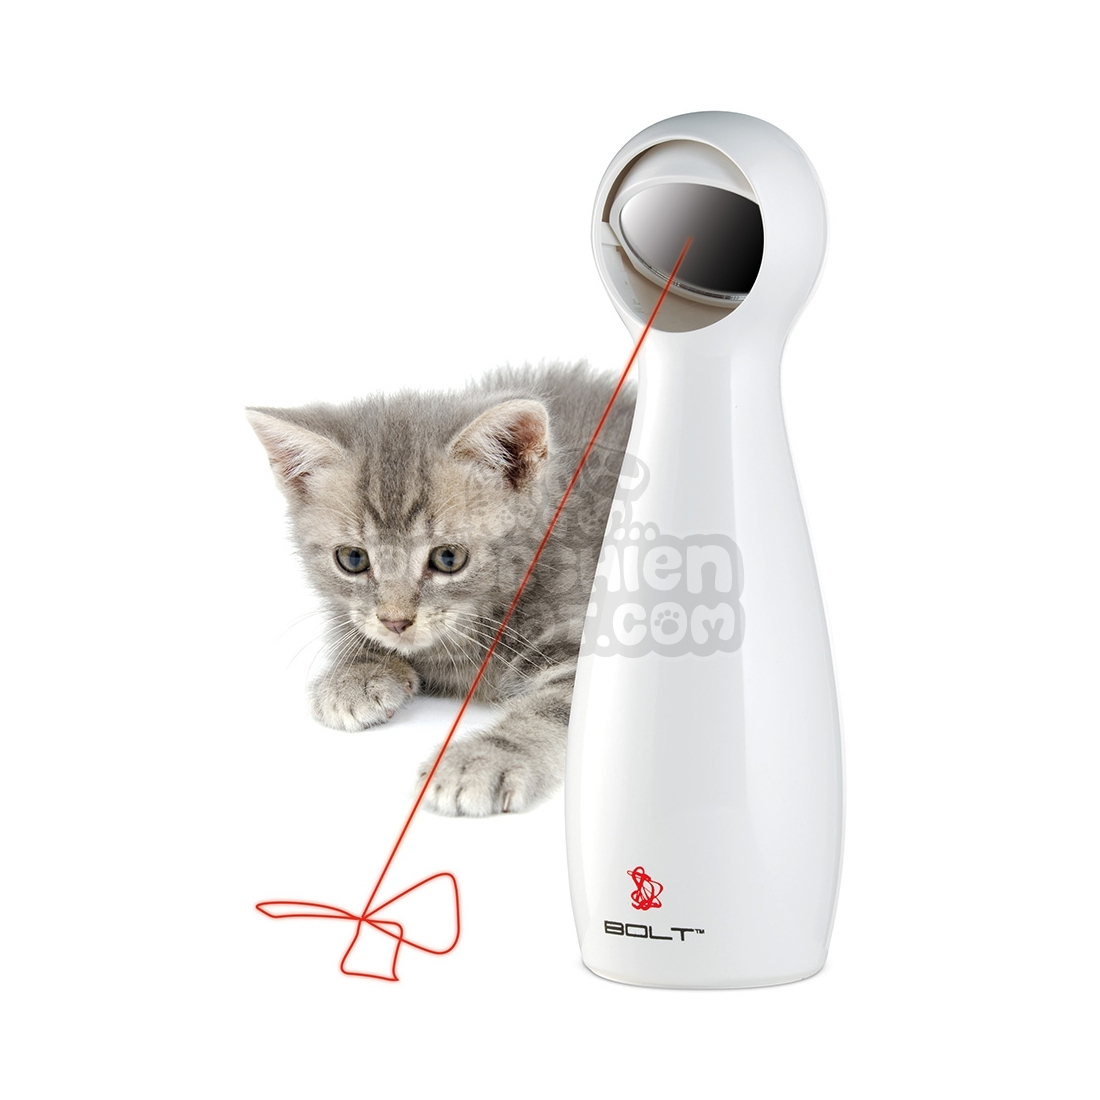 jouet pour chat laser frolicat bolt. Black Bedroom Furniture Sets. Home Design Ideas